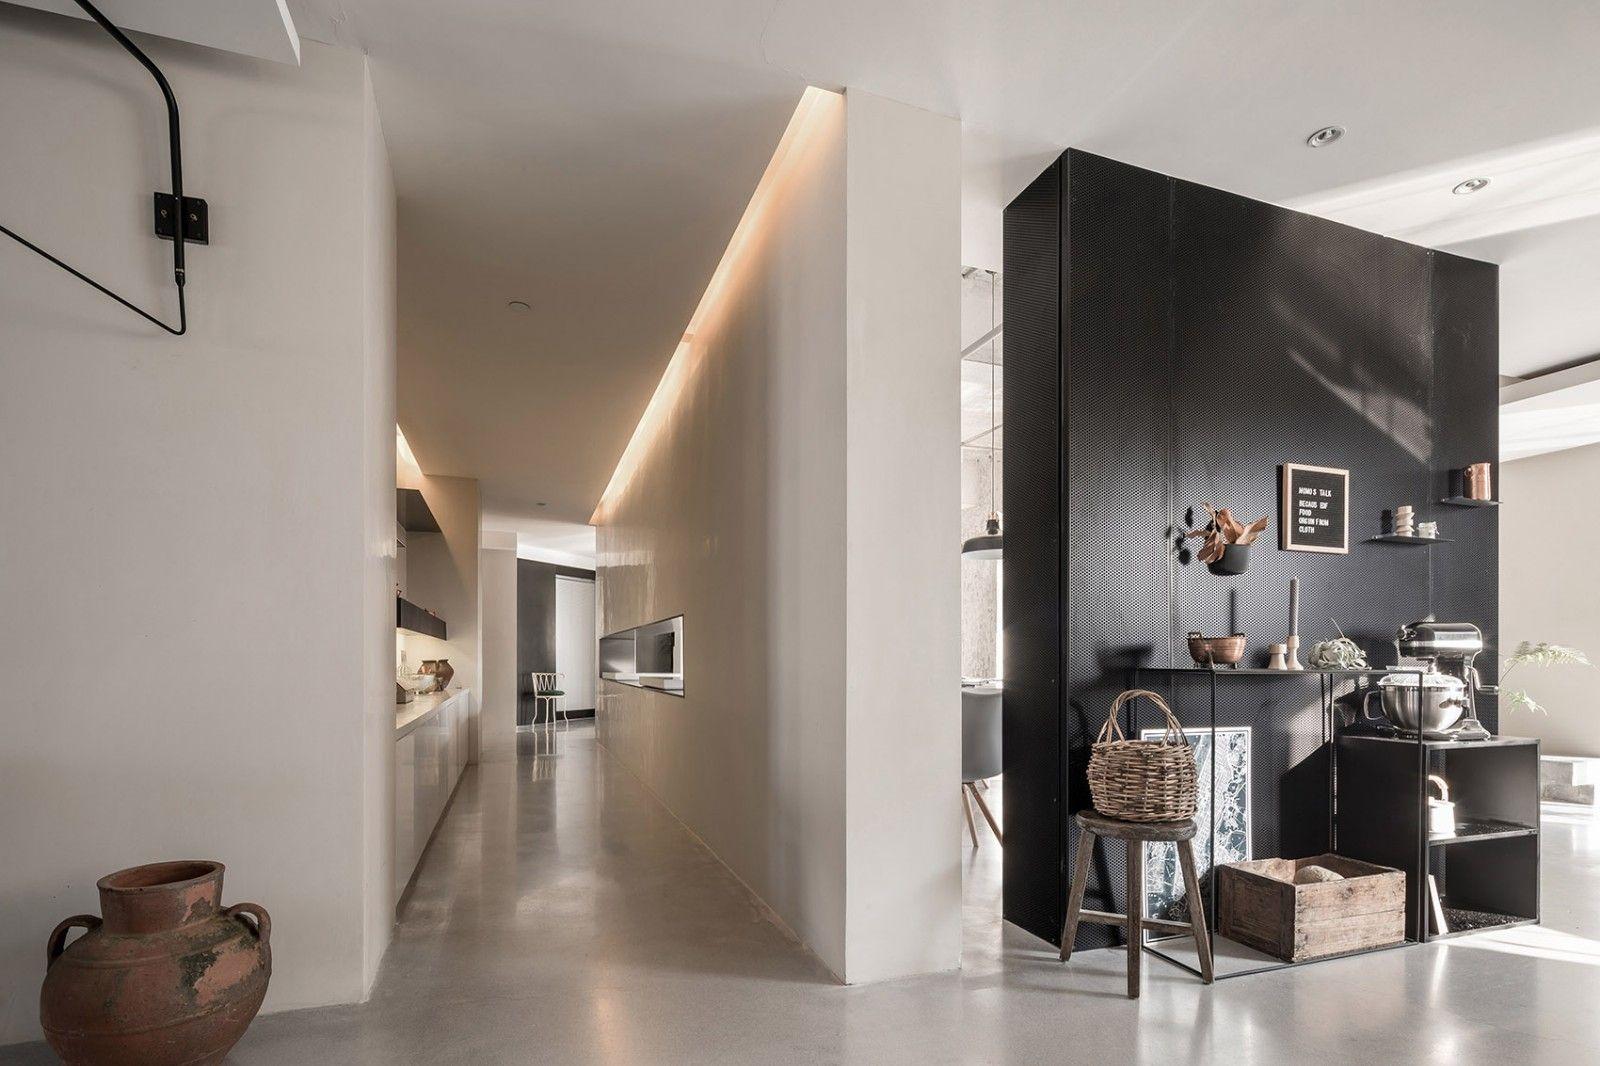 杭州莫语生活办公室 | 杭州时上建筑空间设计|沈墨 - 22